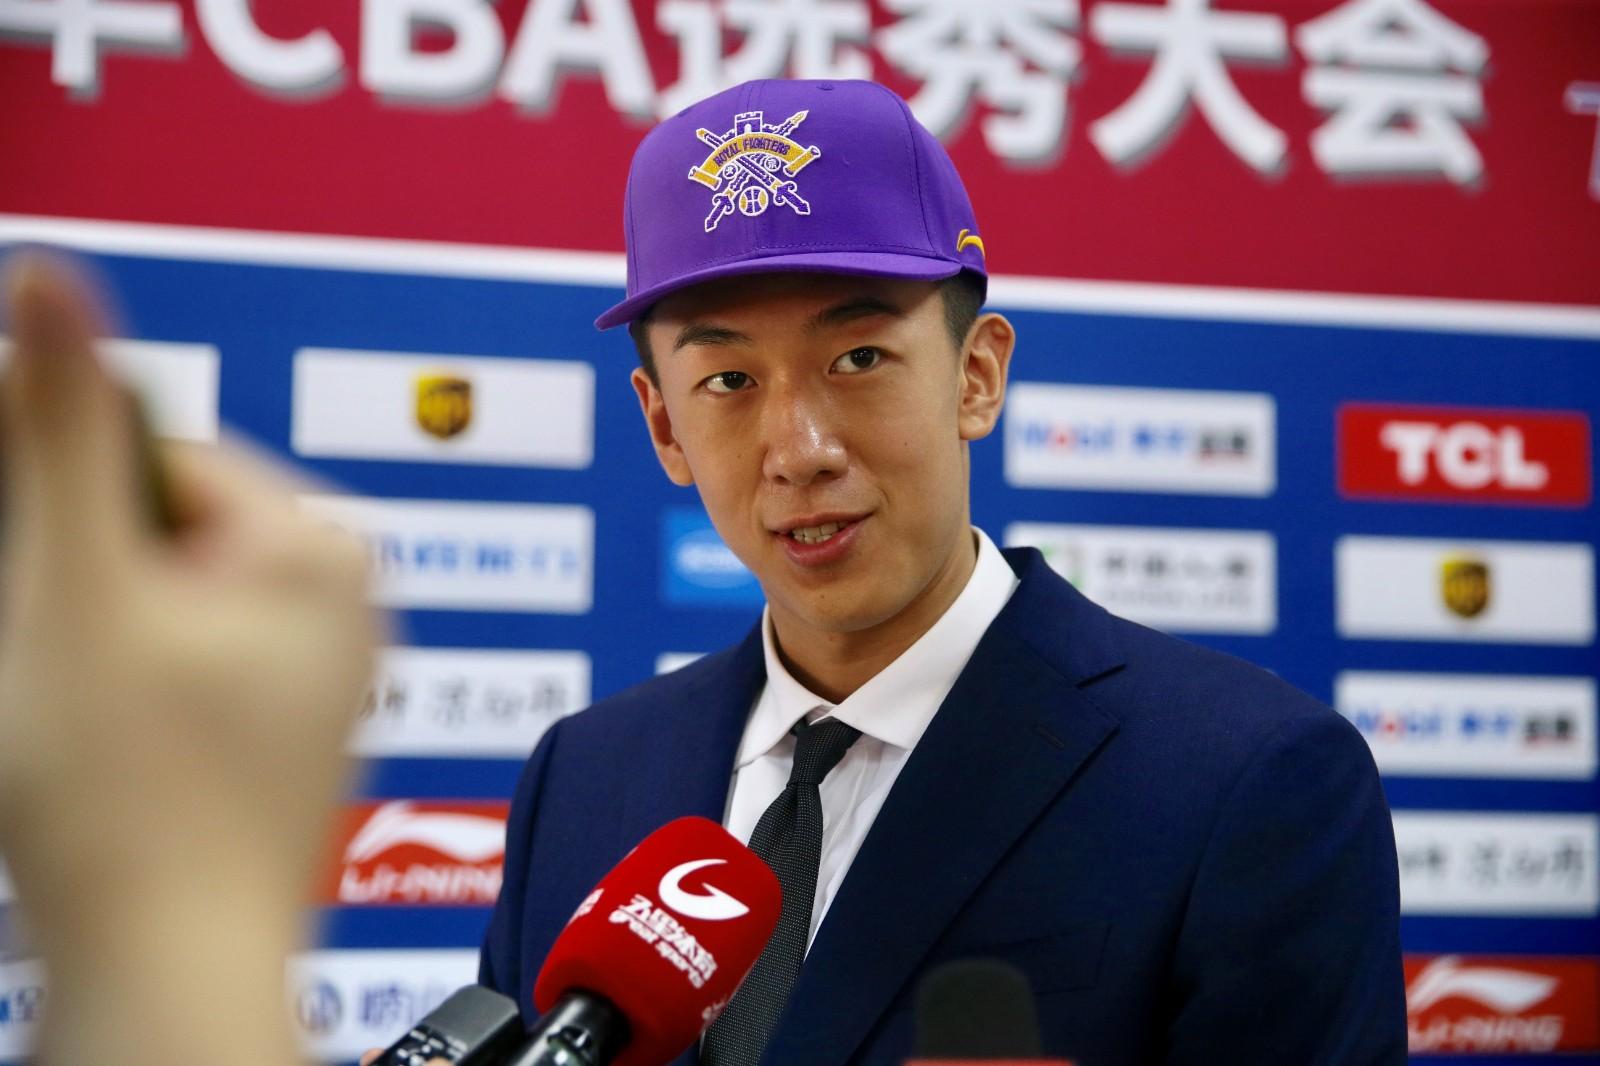 懒熊体育对话北大王少杰,解读大学和职业篮球的不同